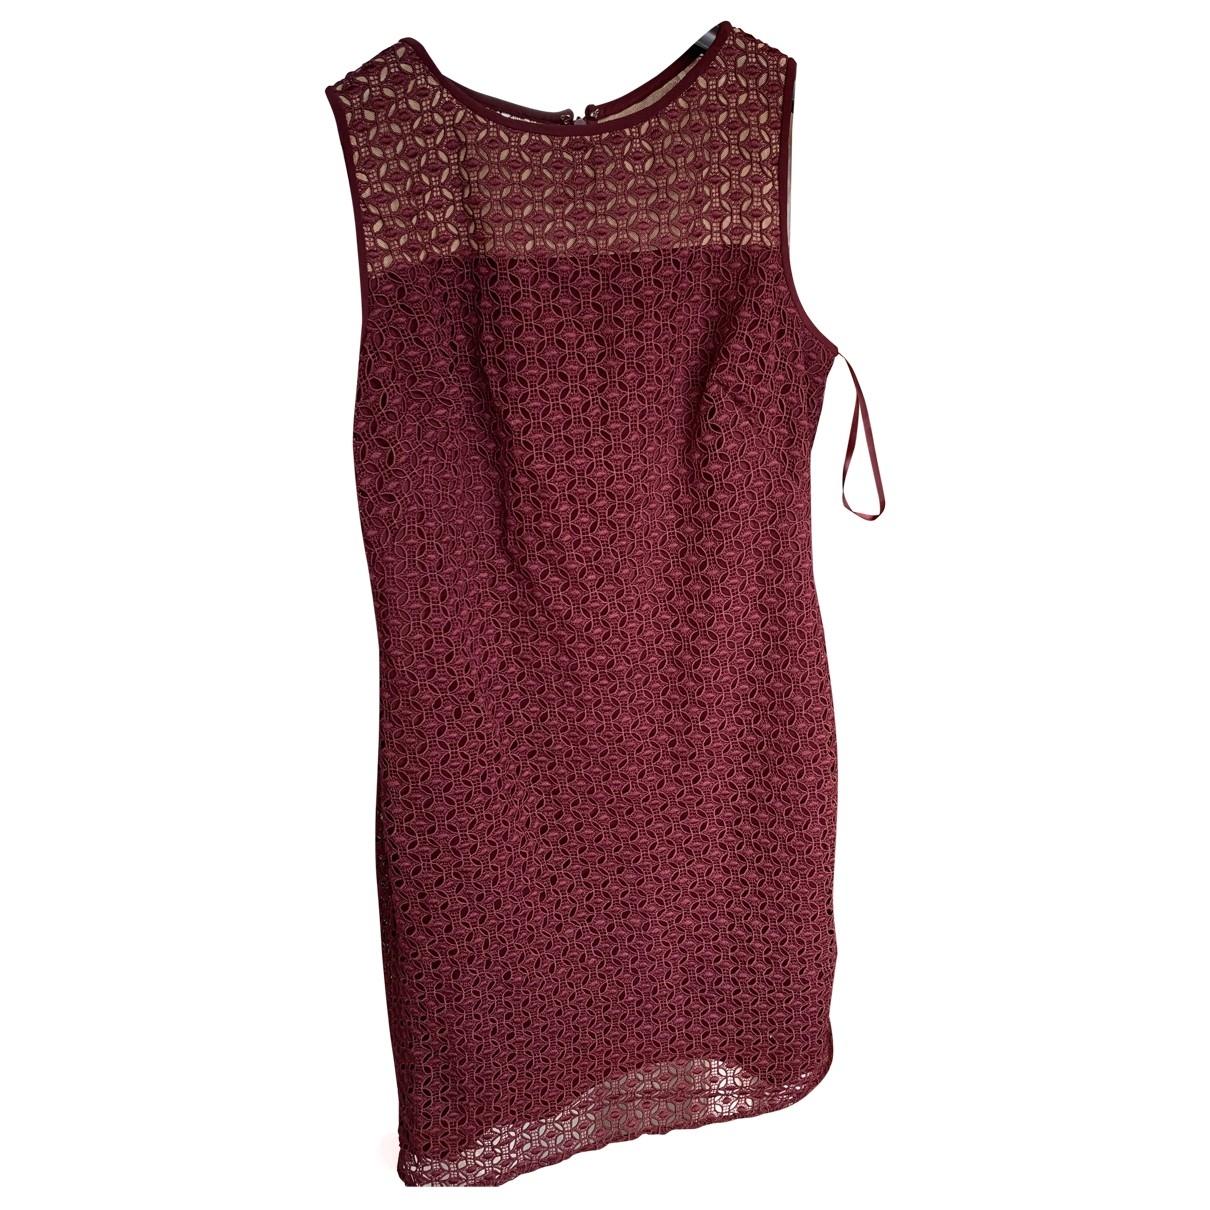 Lauren Ralph Lauren \N Burgundy Lace dress for Women 12 US